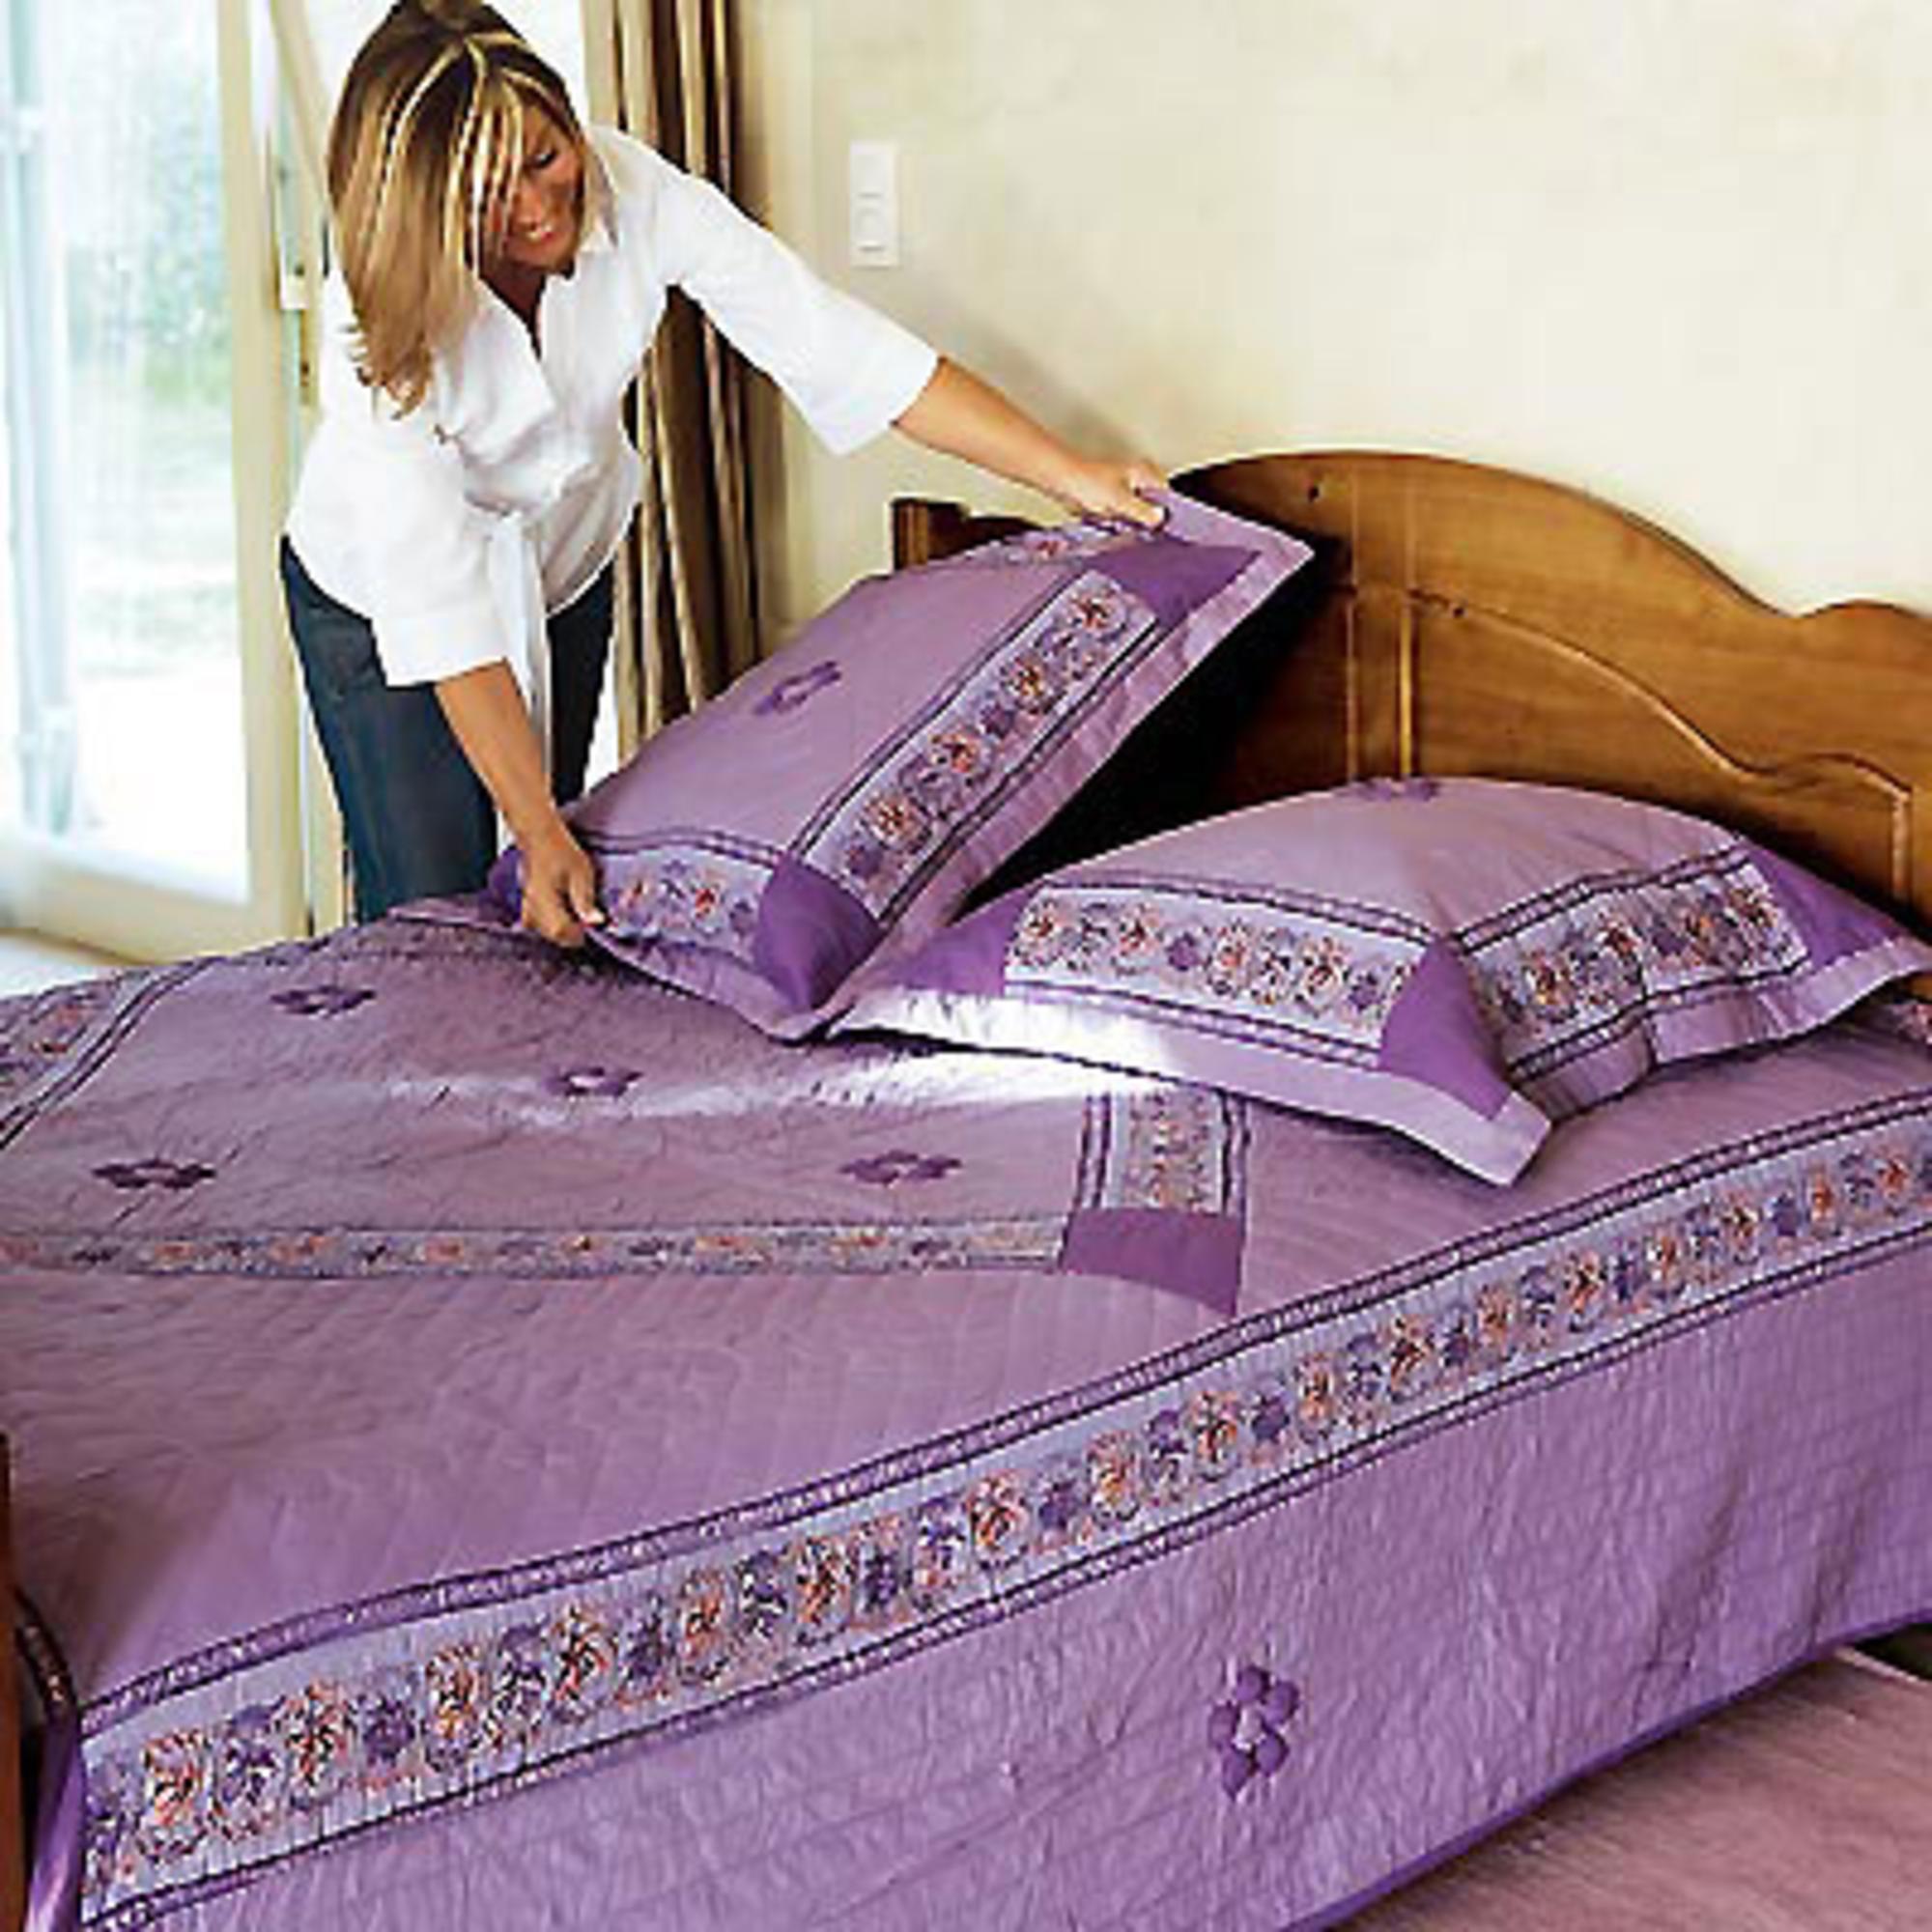 couvre lit 2 personnes 240 x 260 cm sylvaine lilas acheter ce produit au meilleur prix. Black Bedroom Furniture Sets. Home Design Ideas